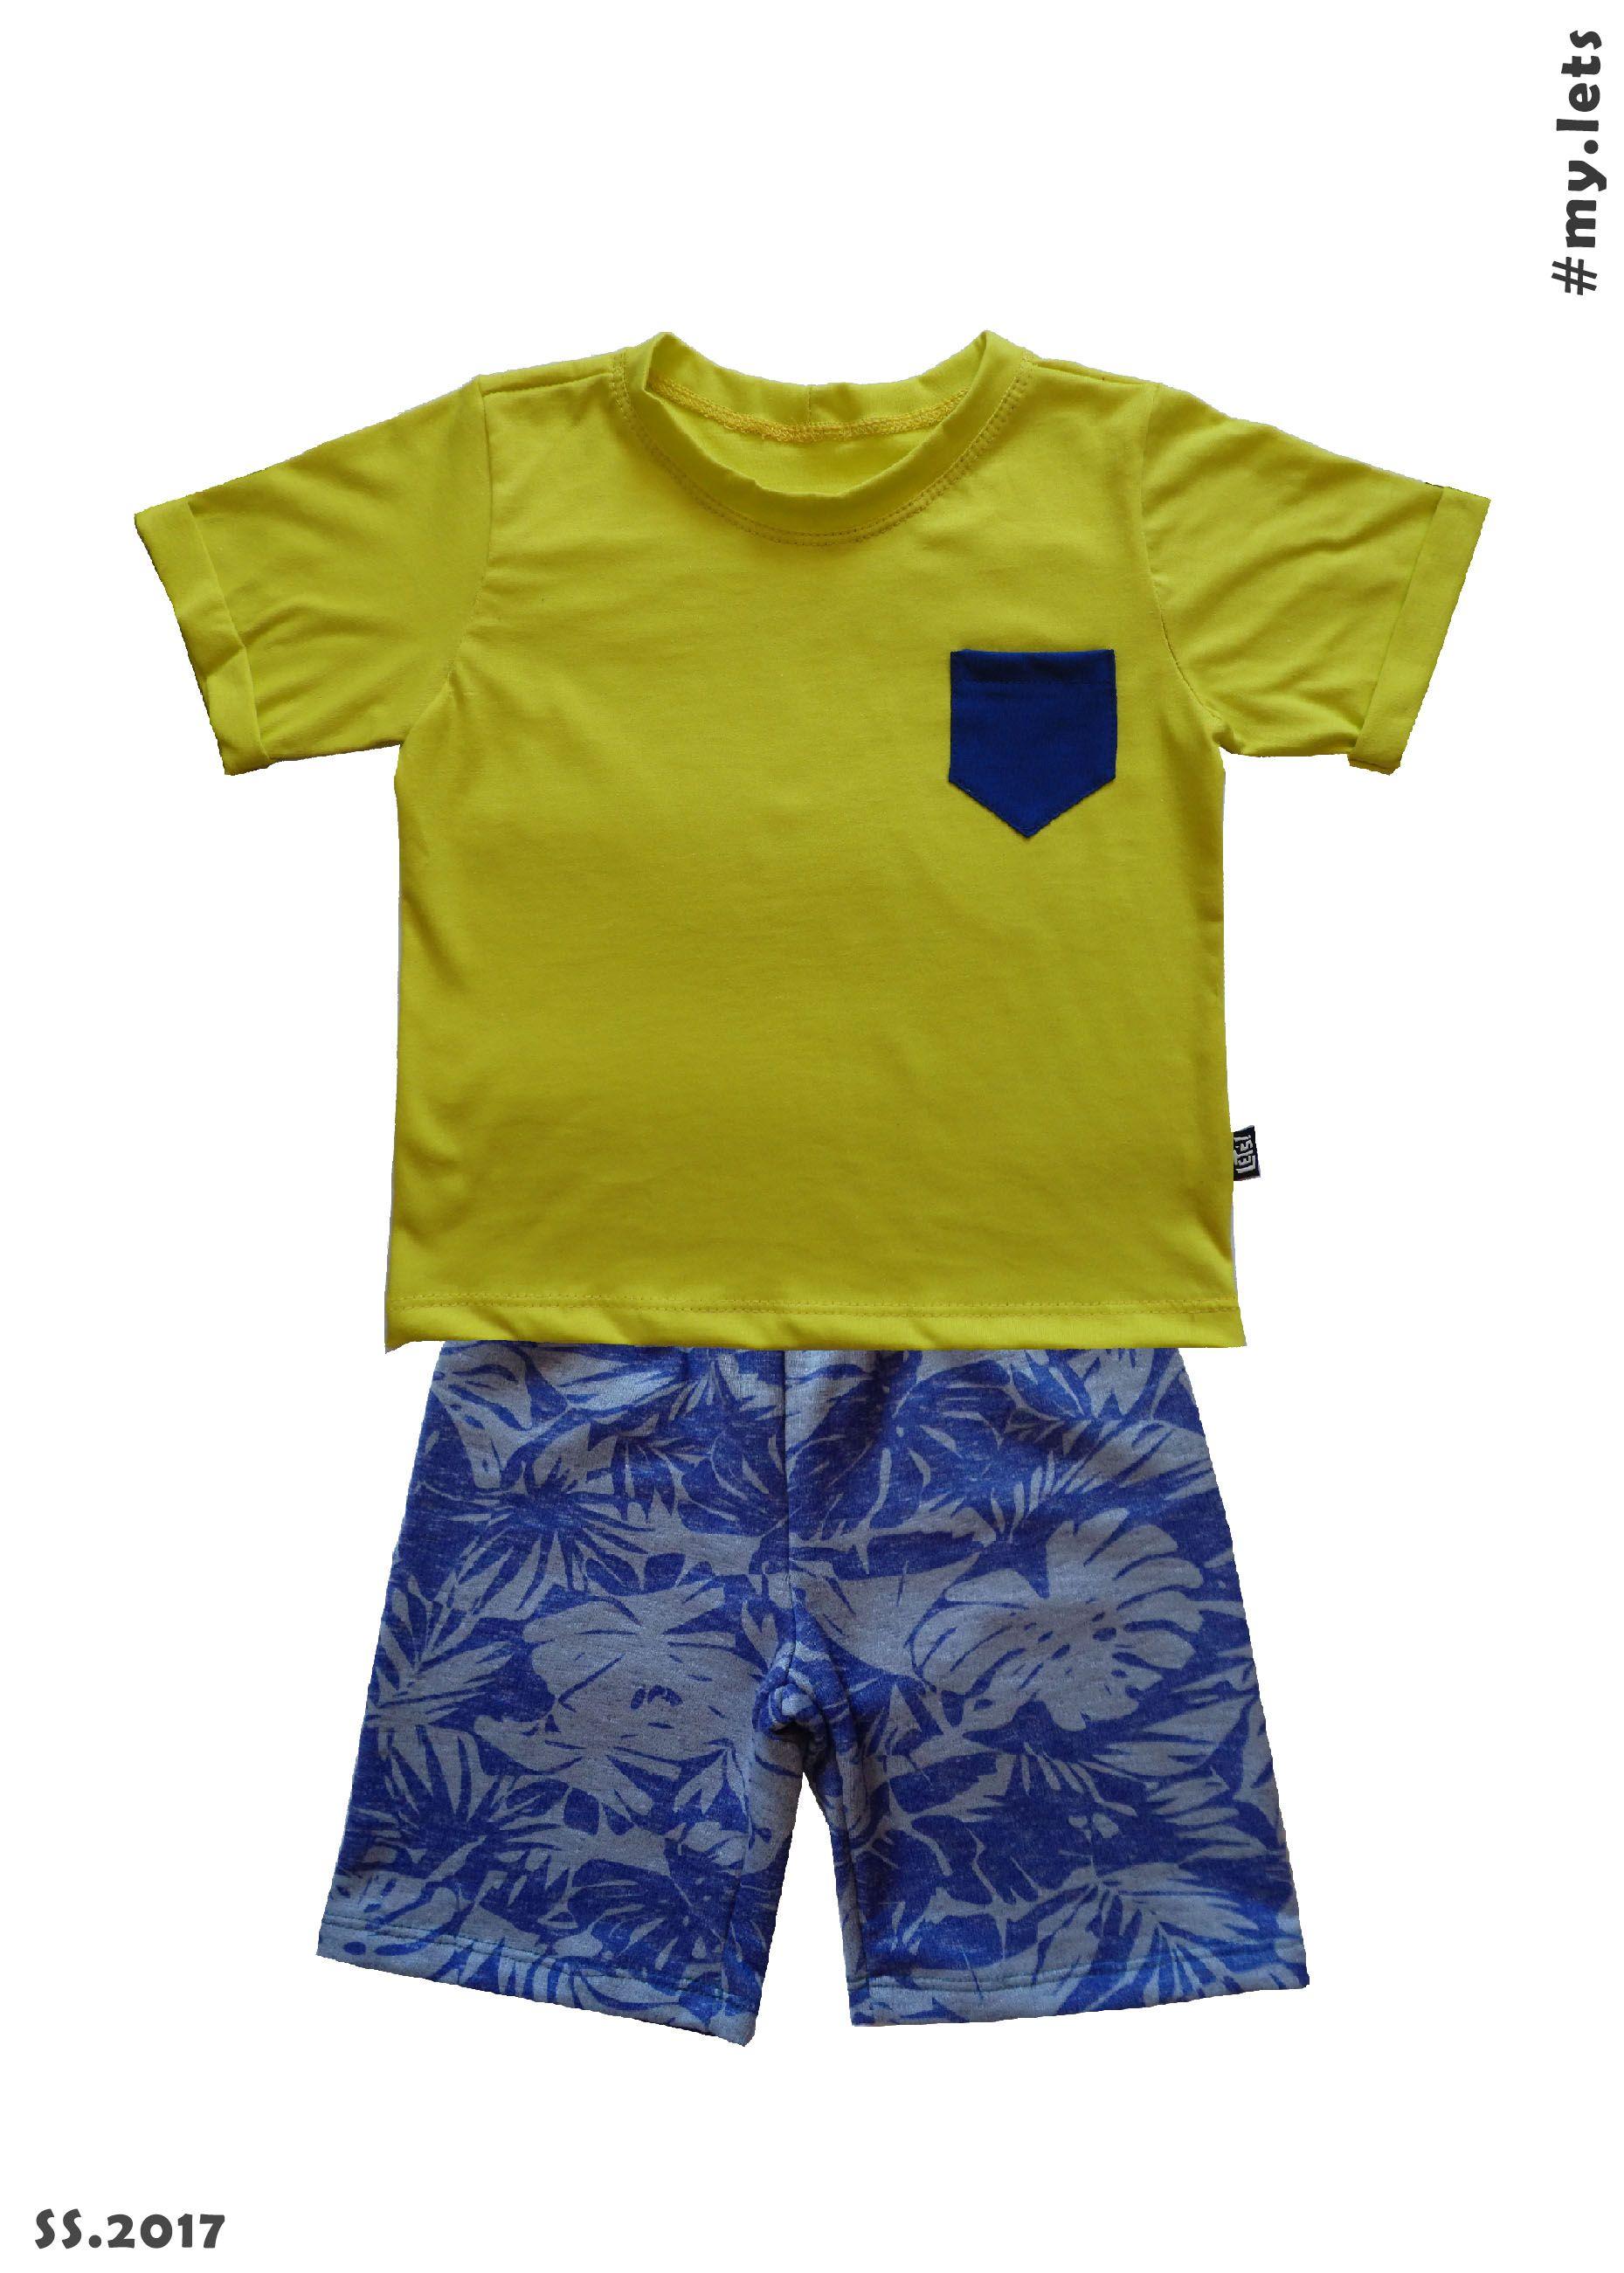 Conjunto bermuda básica com estampa de folhas + camiseta de malha penteada  com bolsinho S2! 07ebc6edc3625